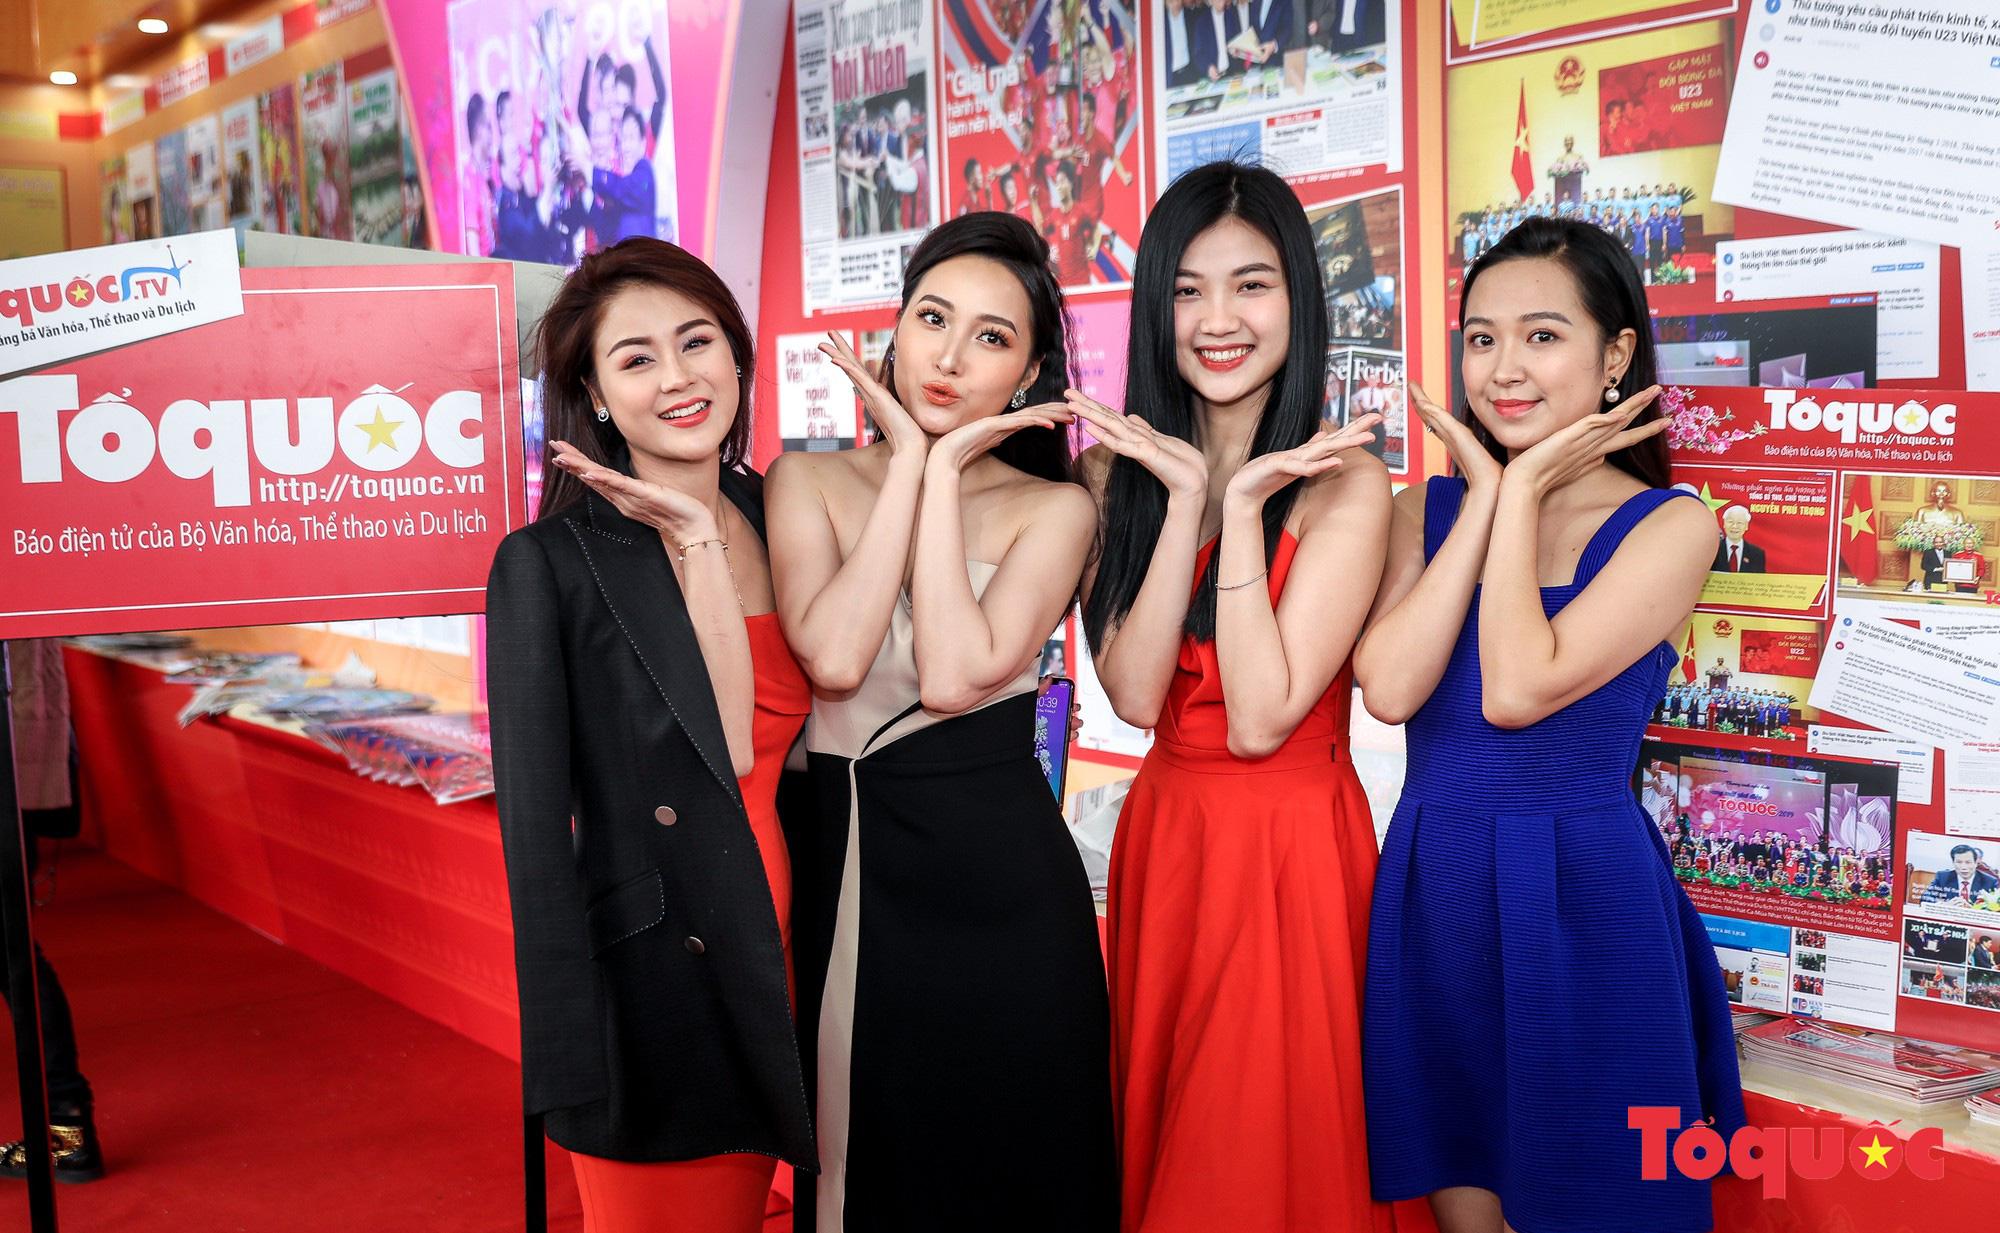 Ngắm nhìn Những cô gái trong thành phố nổi bật giữa Hội báo toàn quốc 2019 - Ảnh 3.